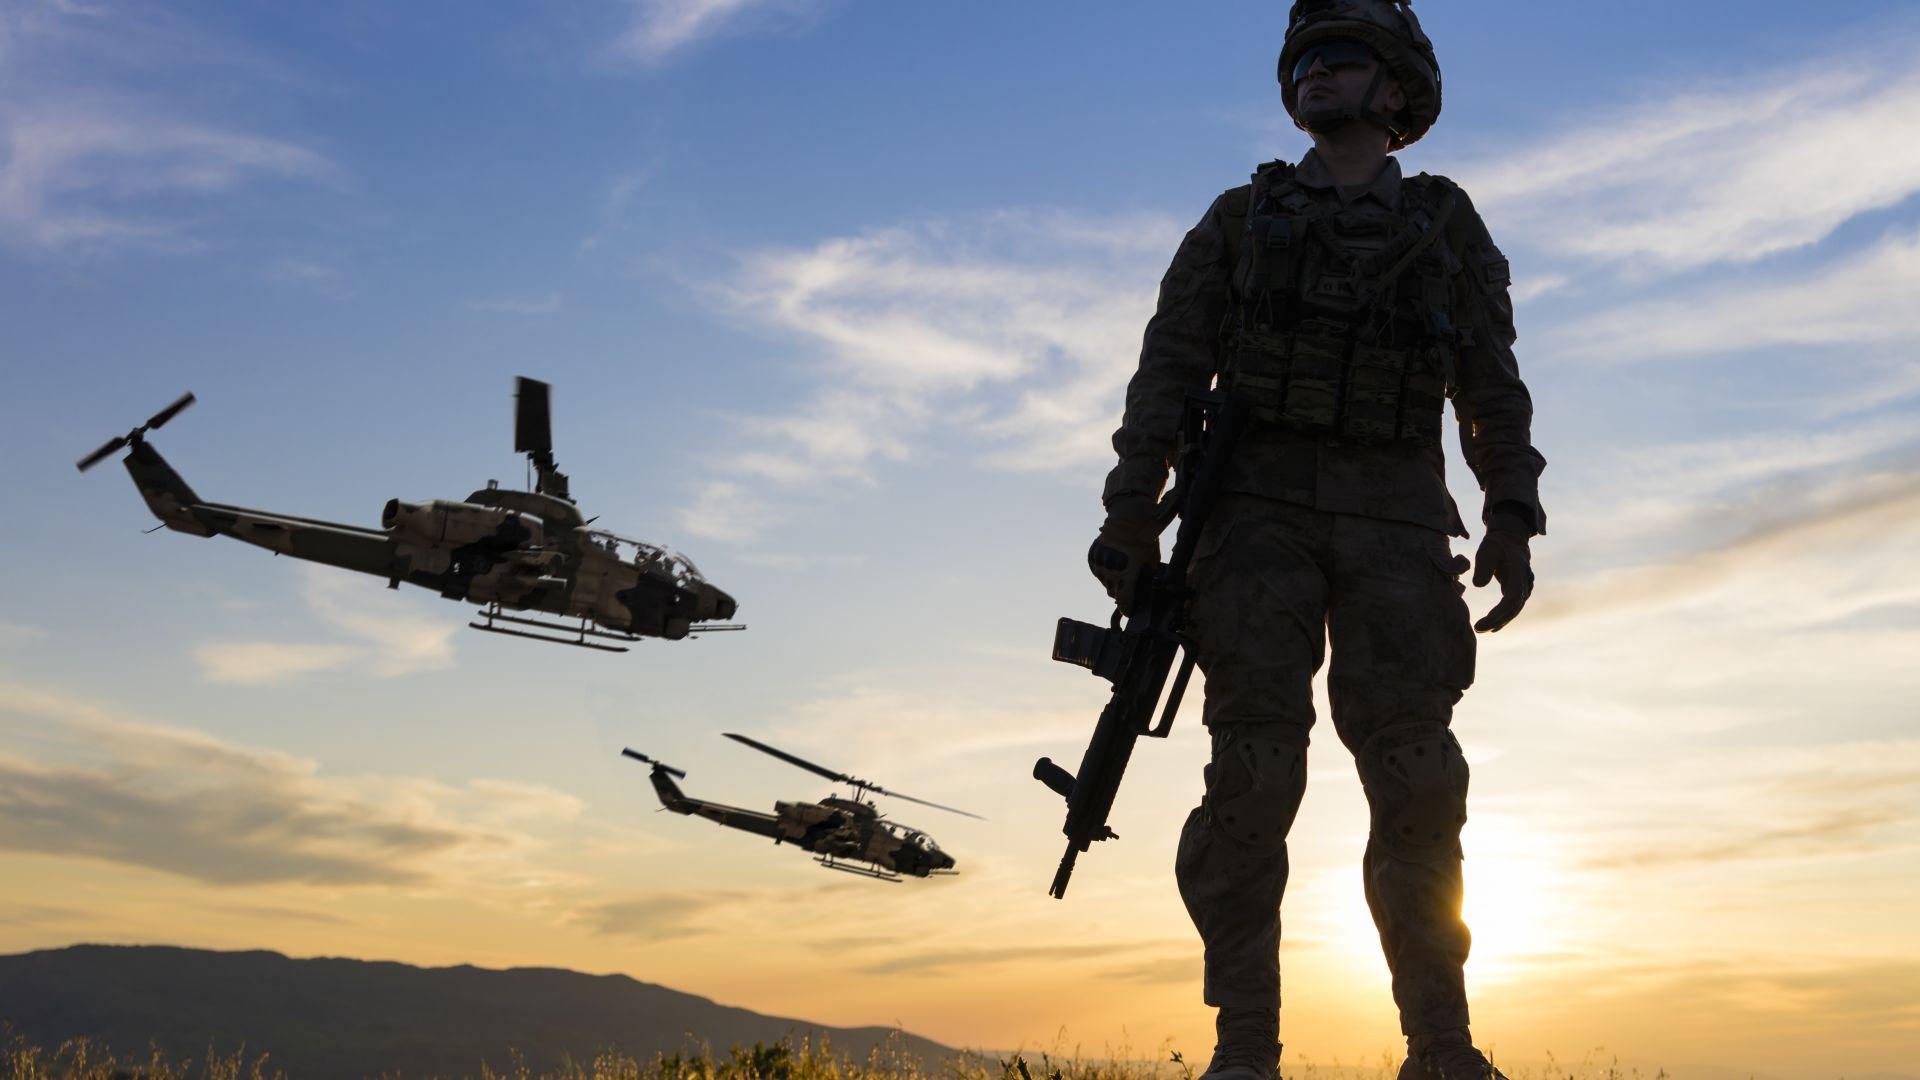 САЩ са основният износител на оръжие, а Саудитска Арабия - най-големият вносител